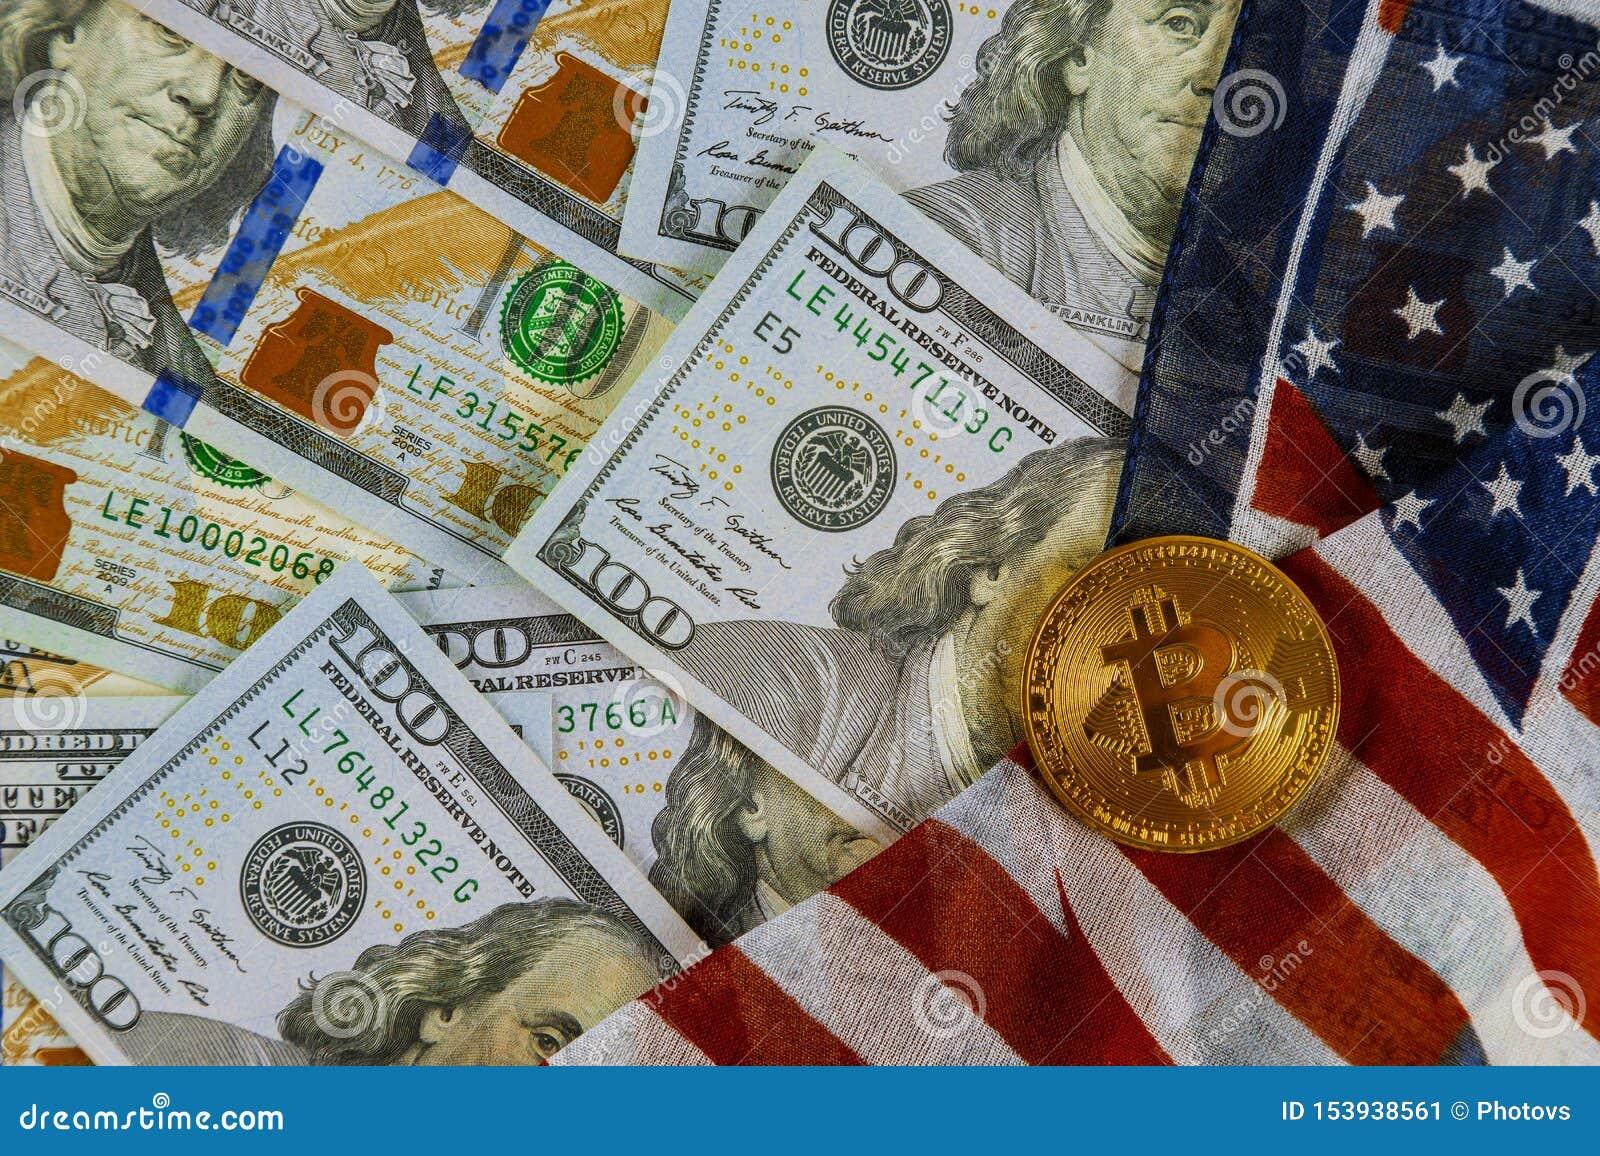 sollten sie in digitale währung investieren tag handel bitcoin bargeld